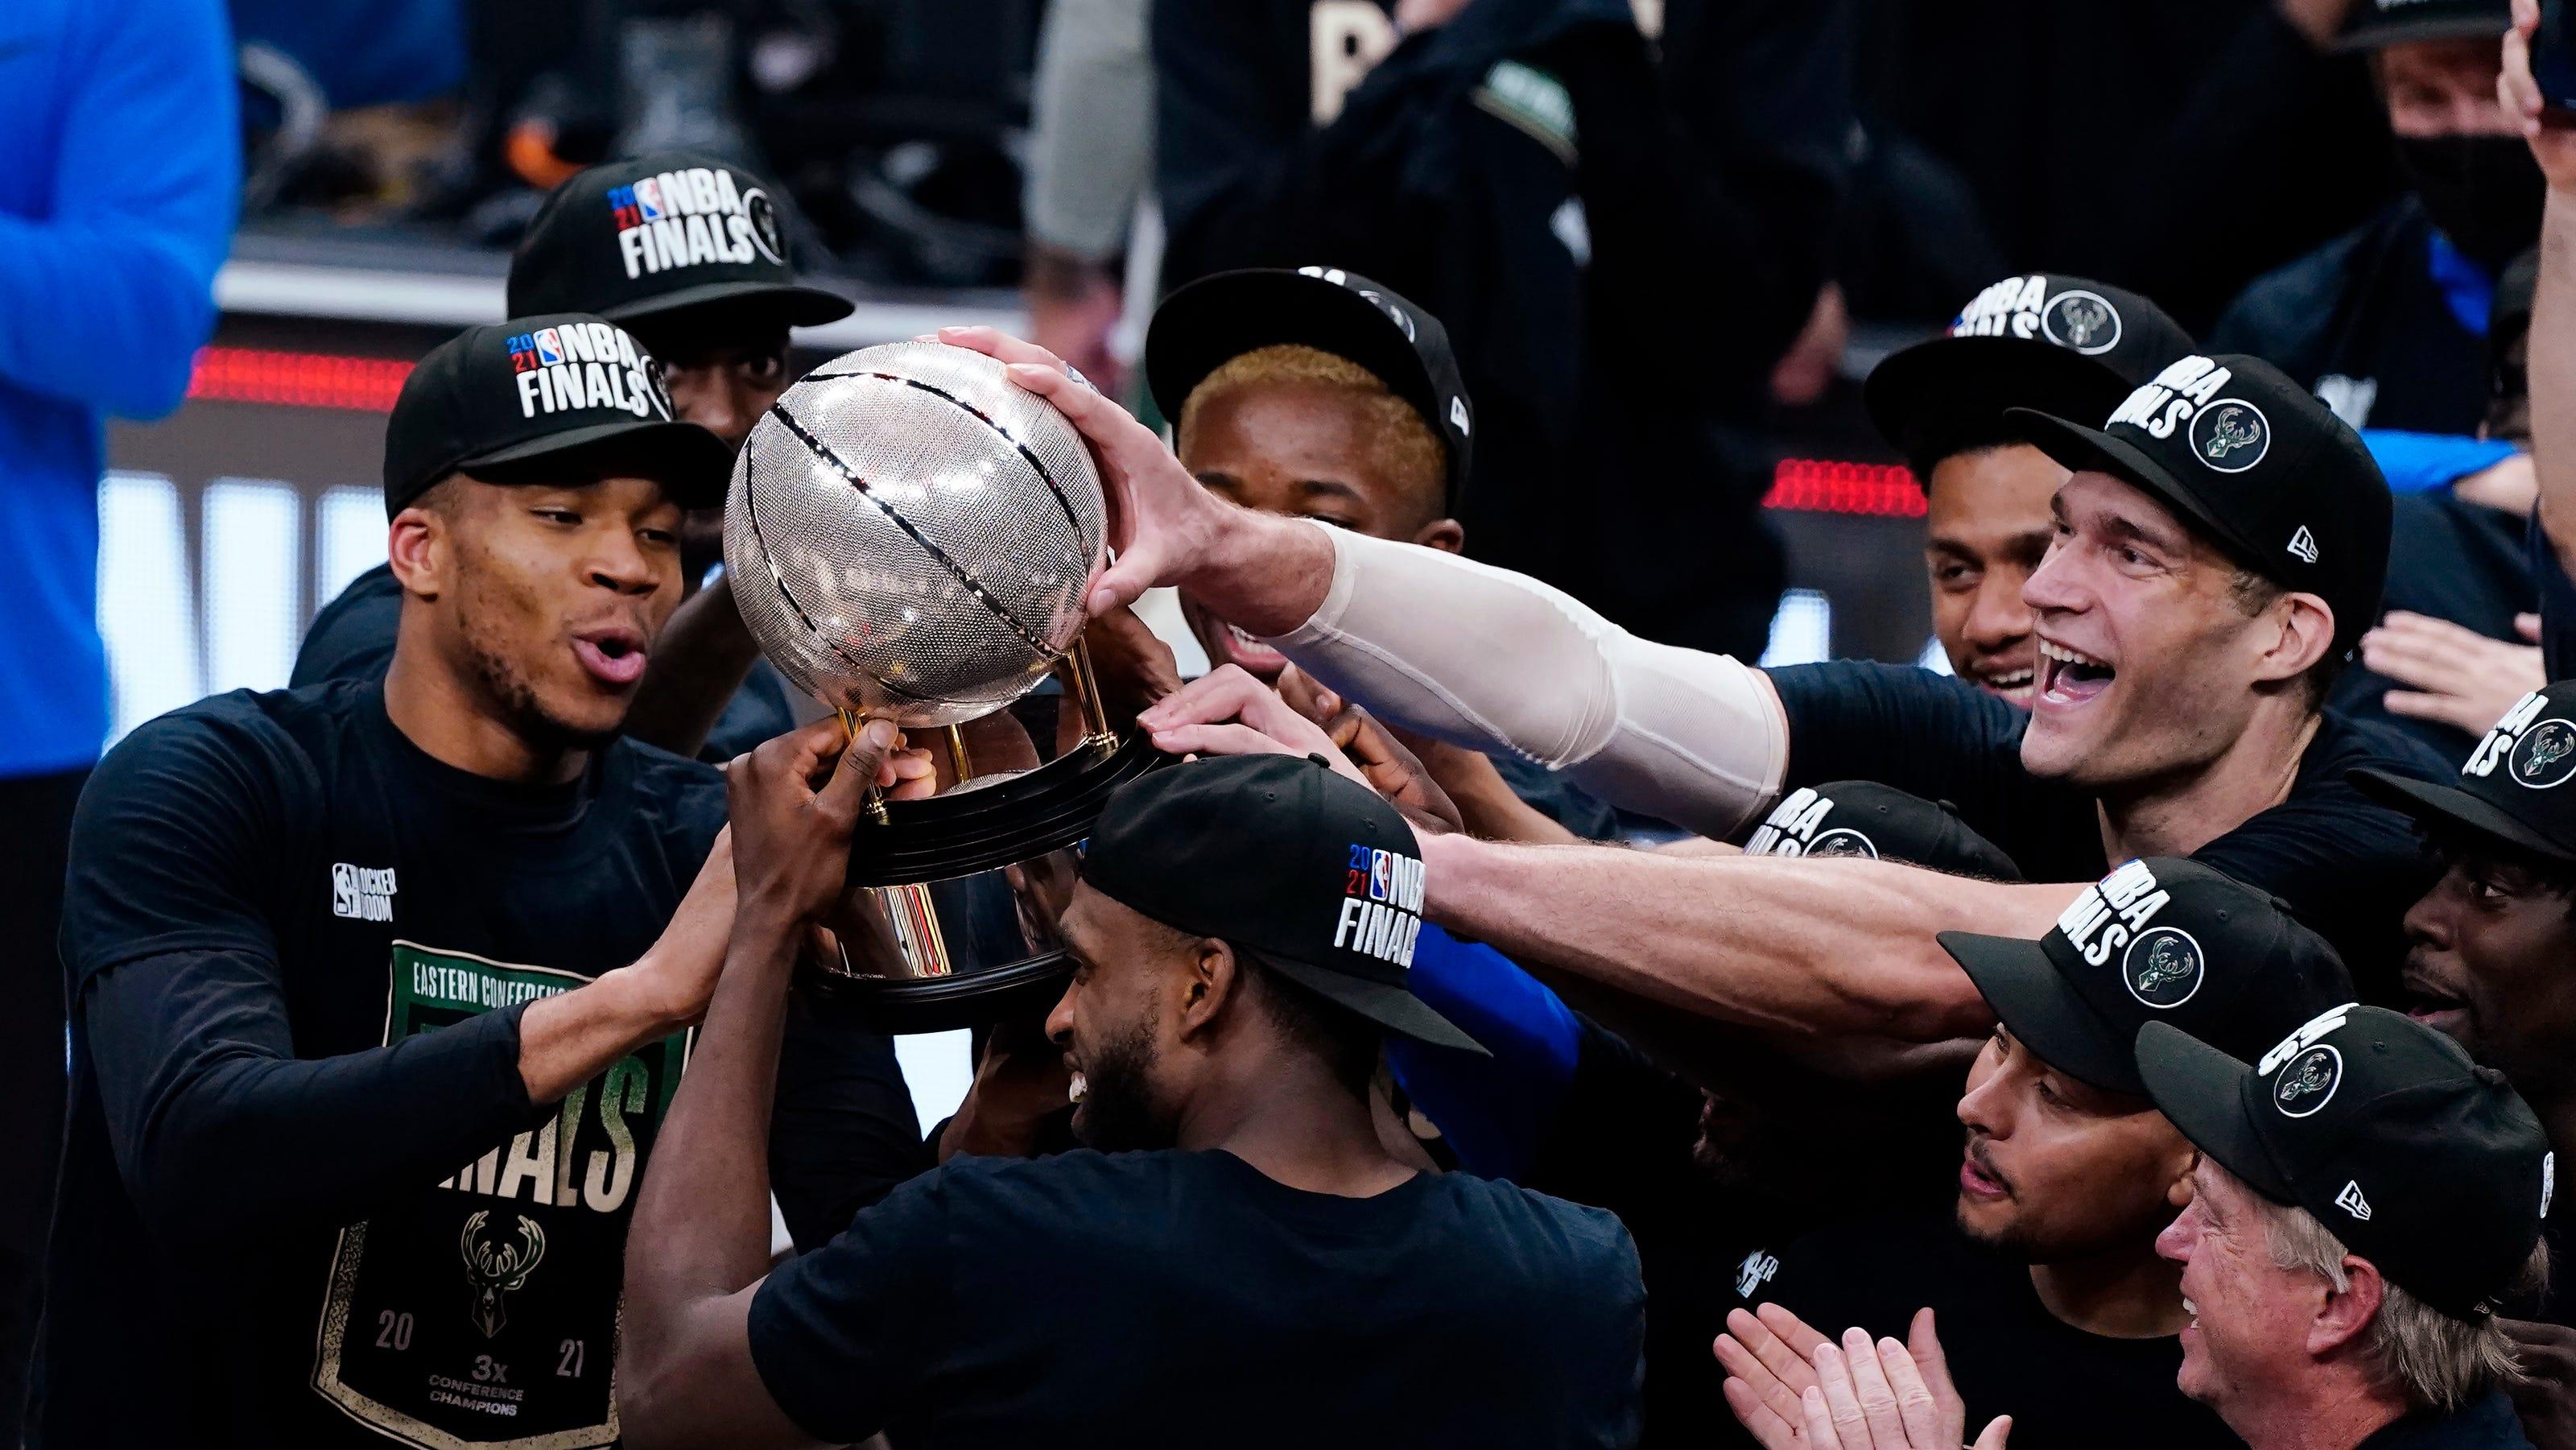 Milwaukee Bucks advance to first NBA Finals since 1974